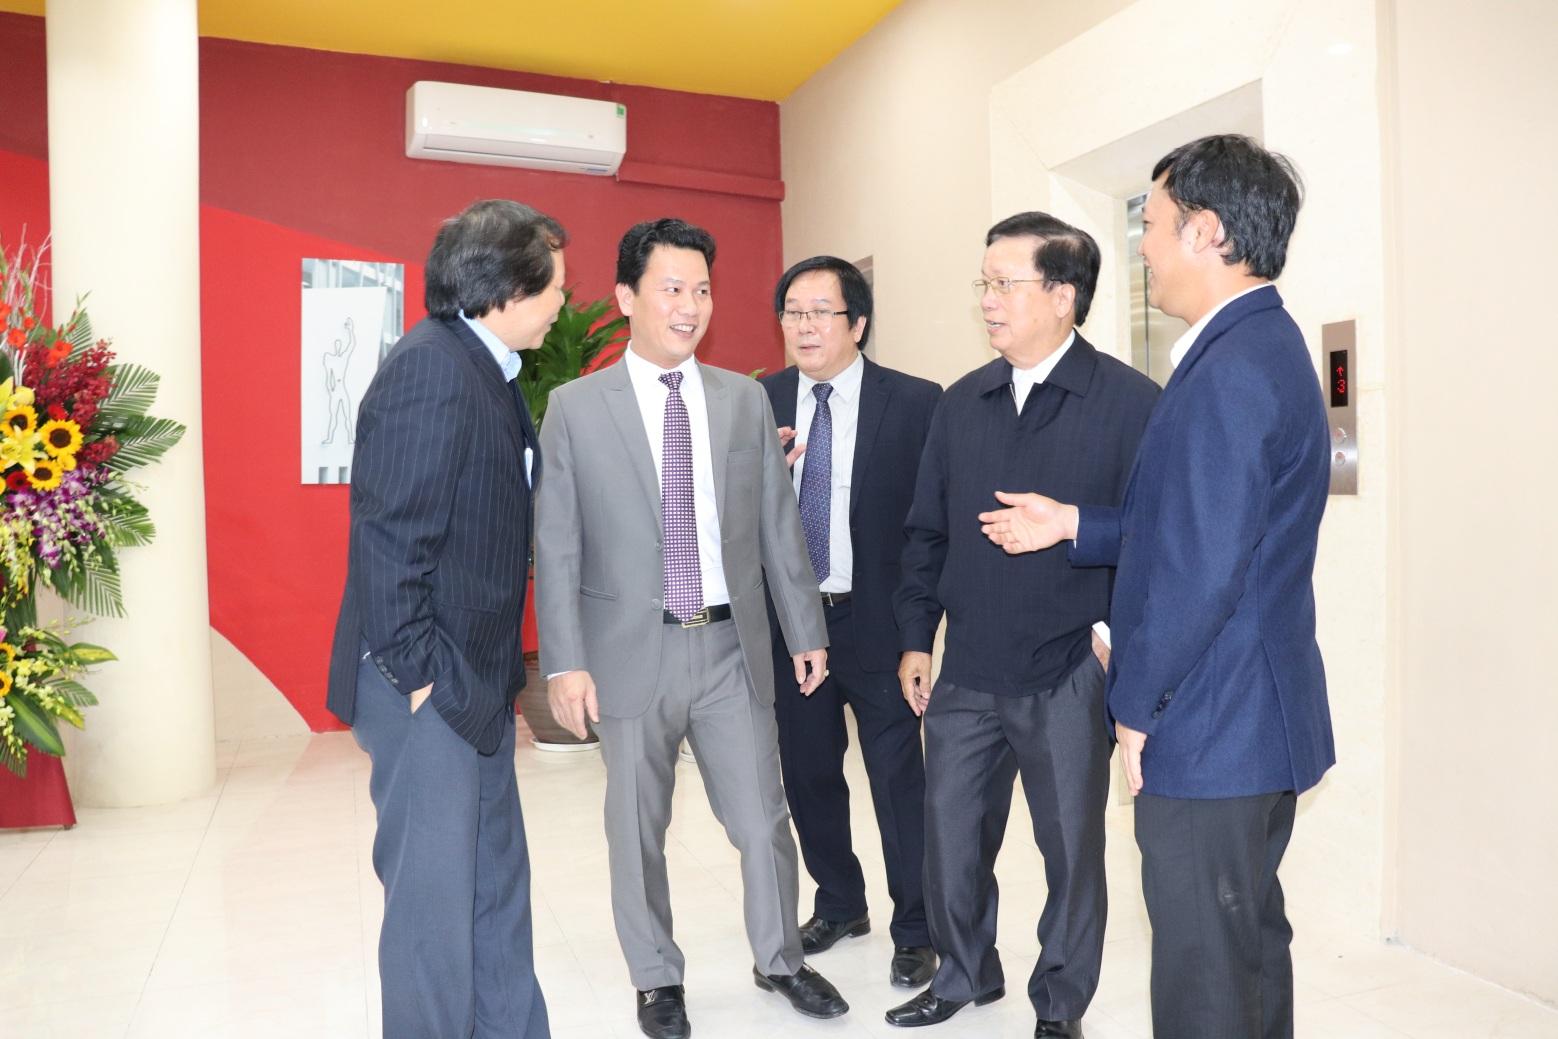 Nguyên Bộ trưởng Nguyễn Hồng Quân tới dự và chúc mừng Viện Kiến trúc Quốc gia.